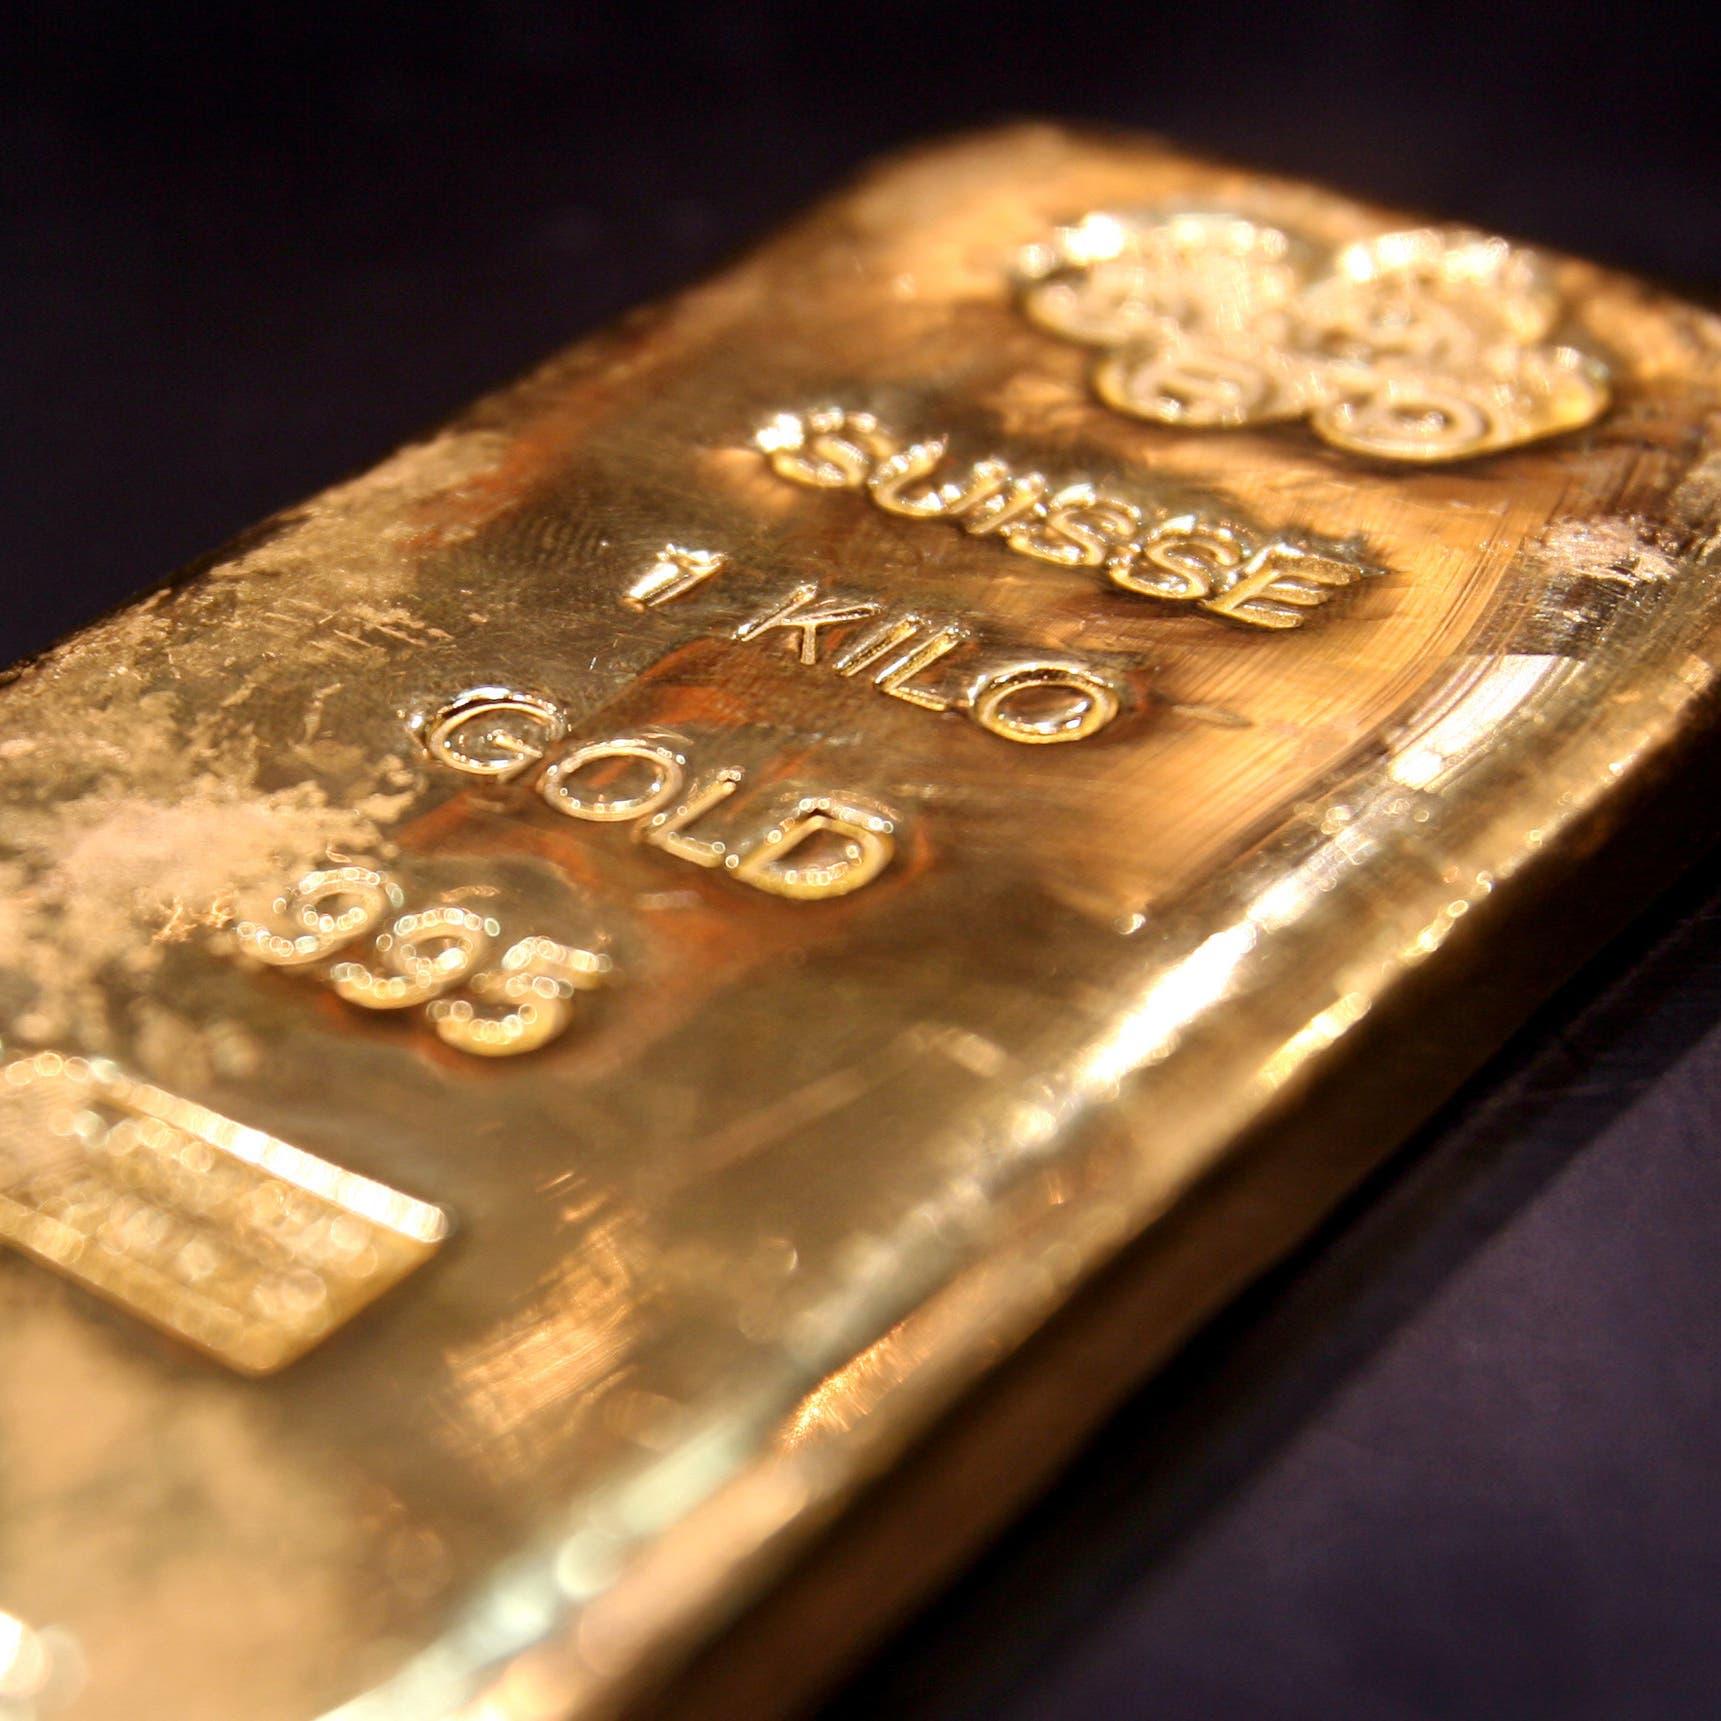 الذهب يواصل صعوده قرب أعلى مستوى في 4 سنوات